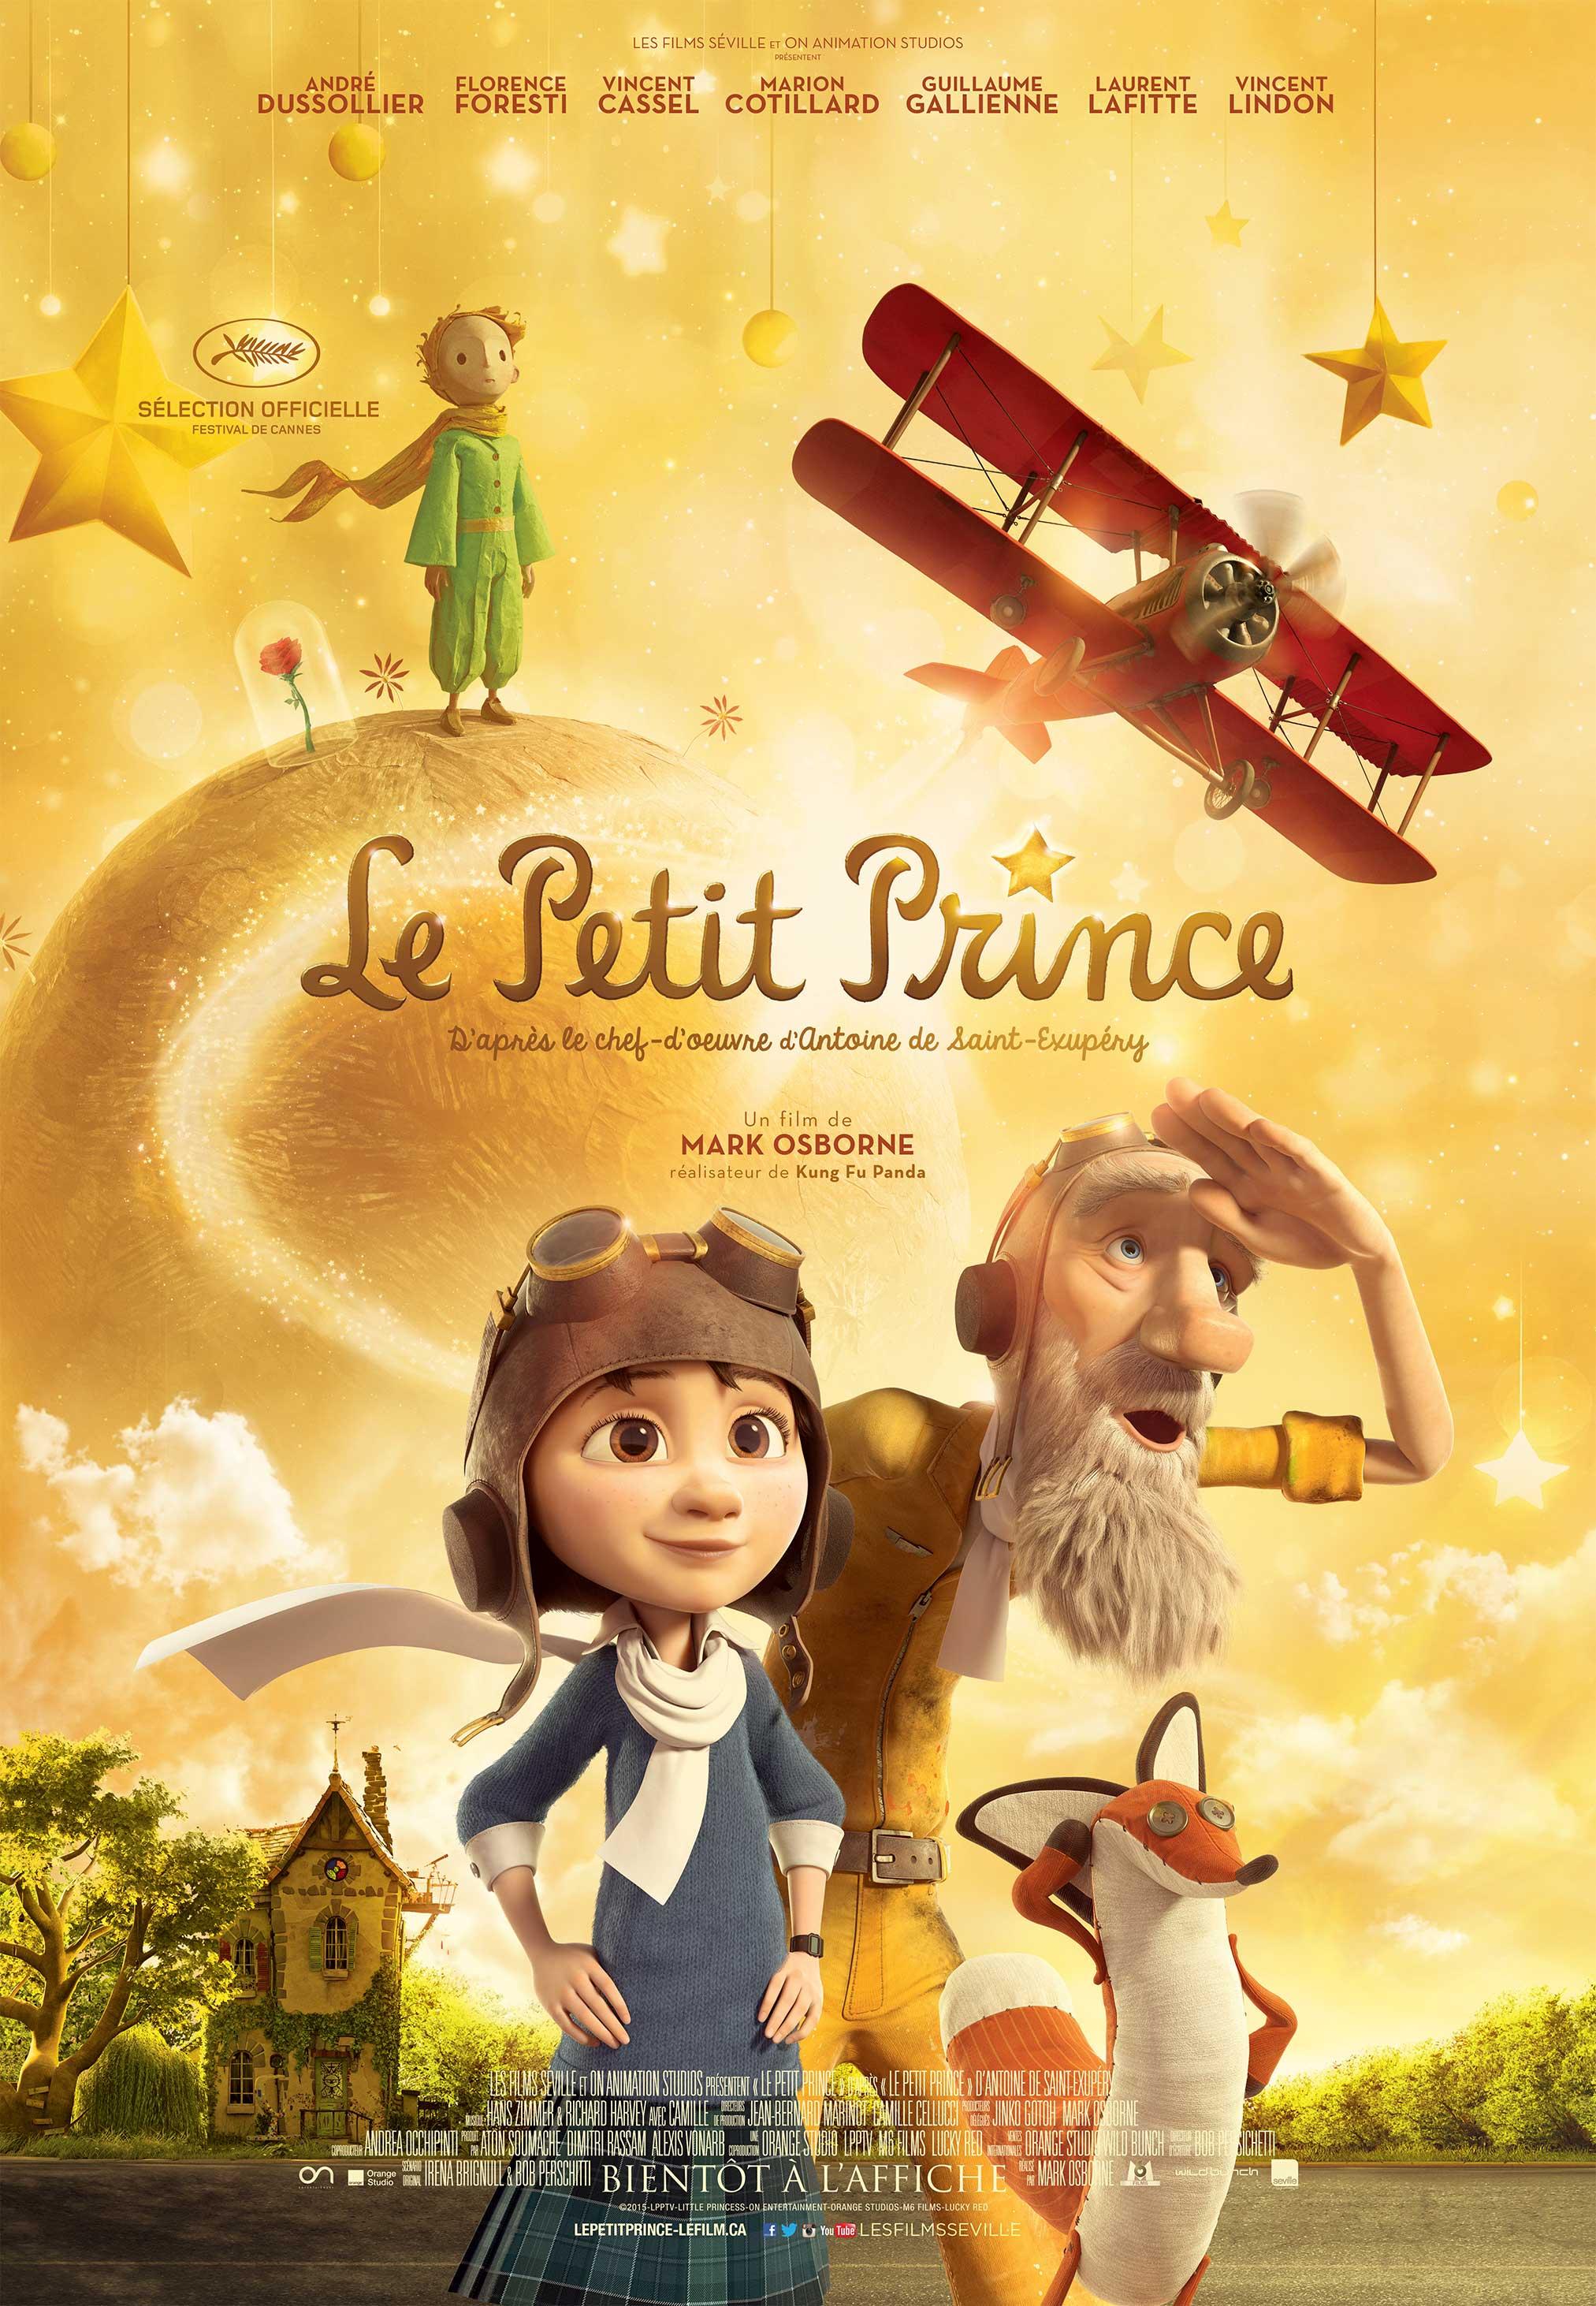 Affiche du film d'animation Le Petit Prince